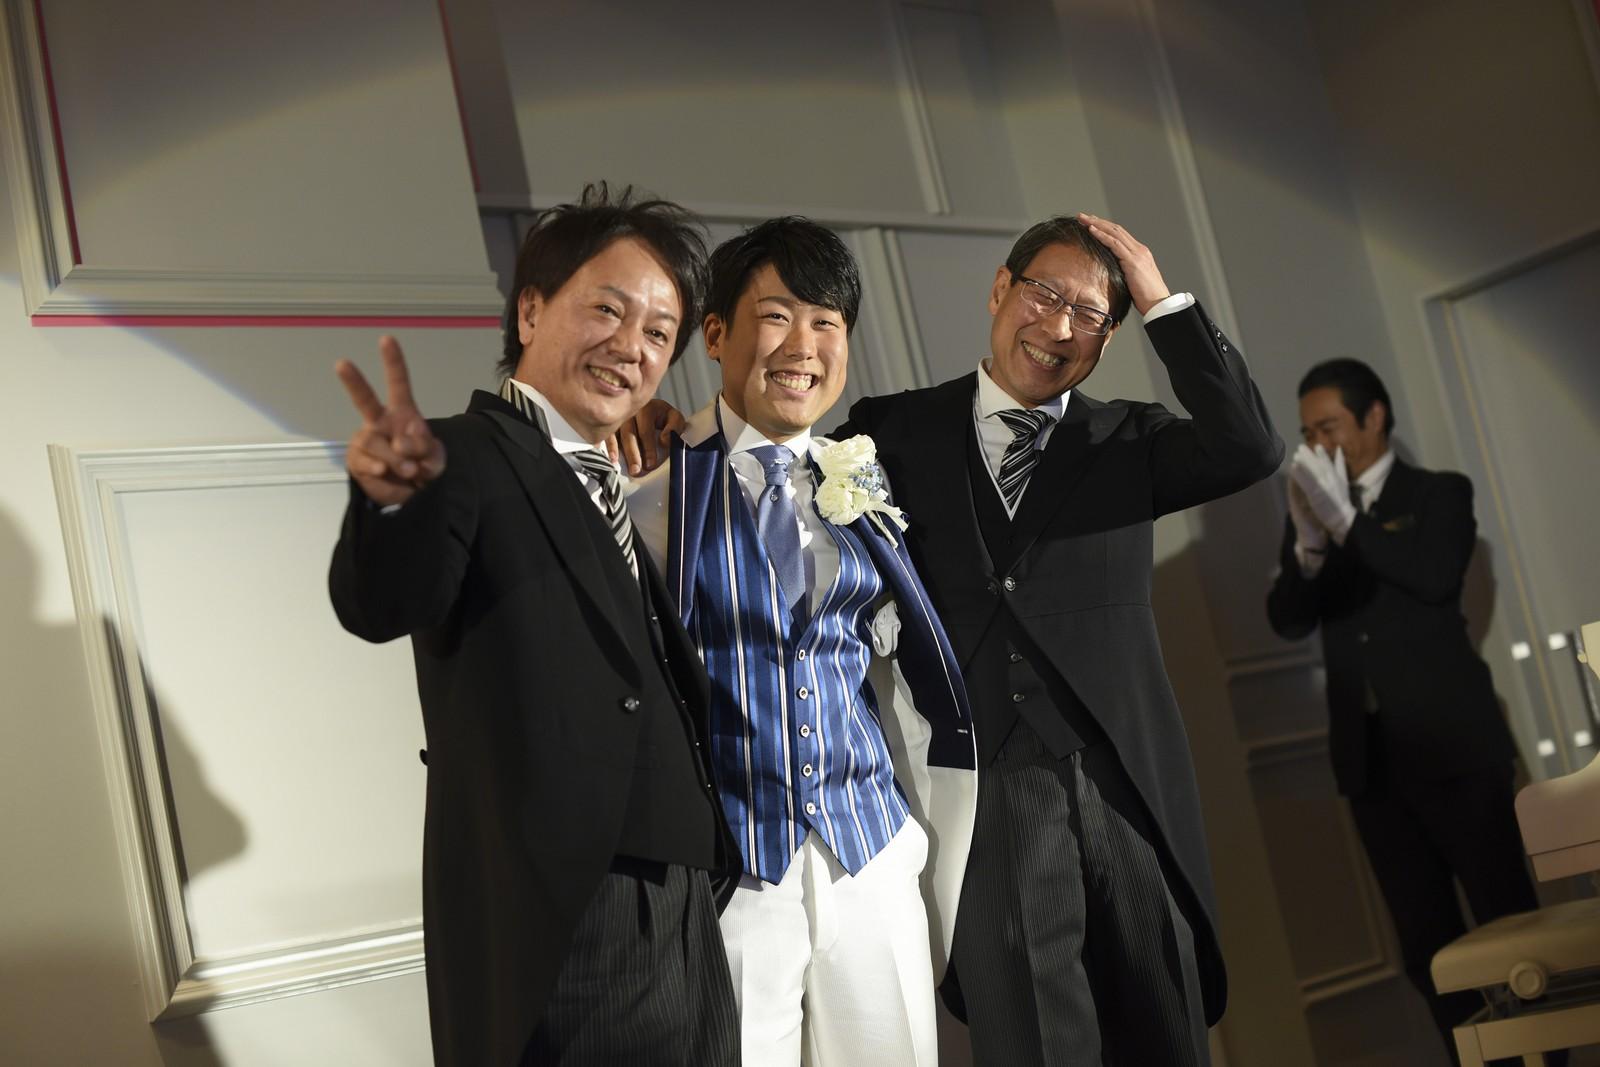 徳島市の結婚式場ブランアンジュで両家お父様と新郎との記念撮影